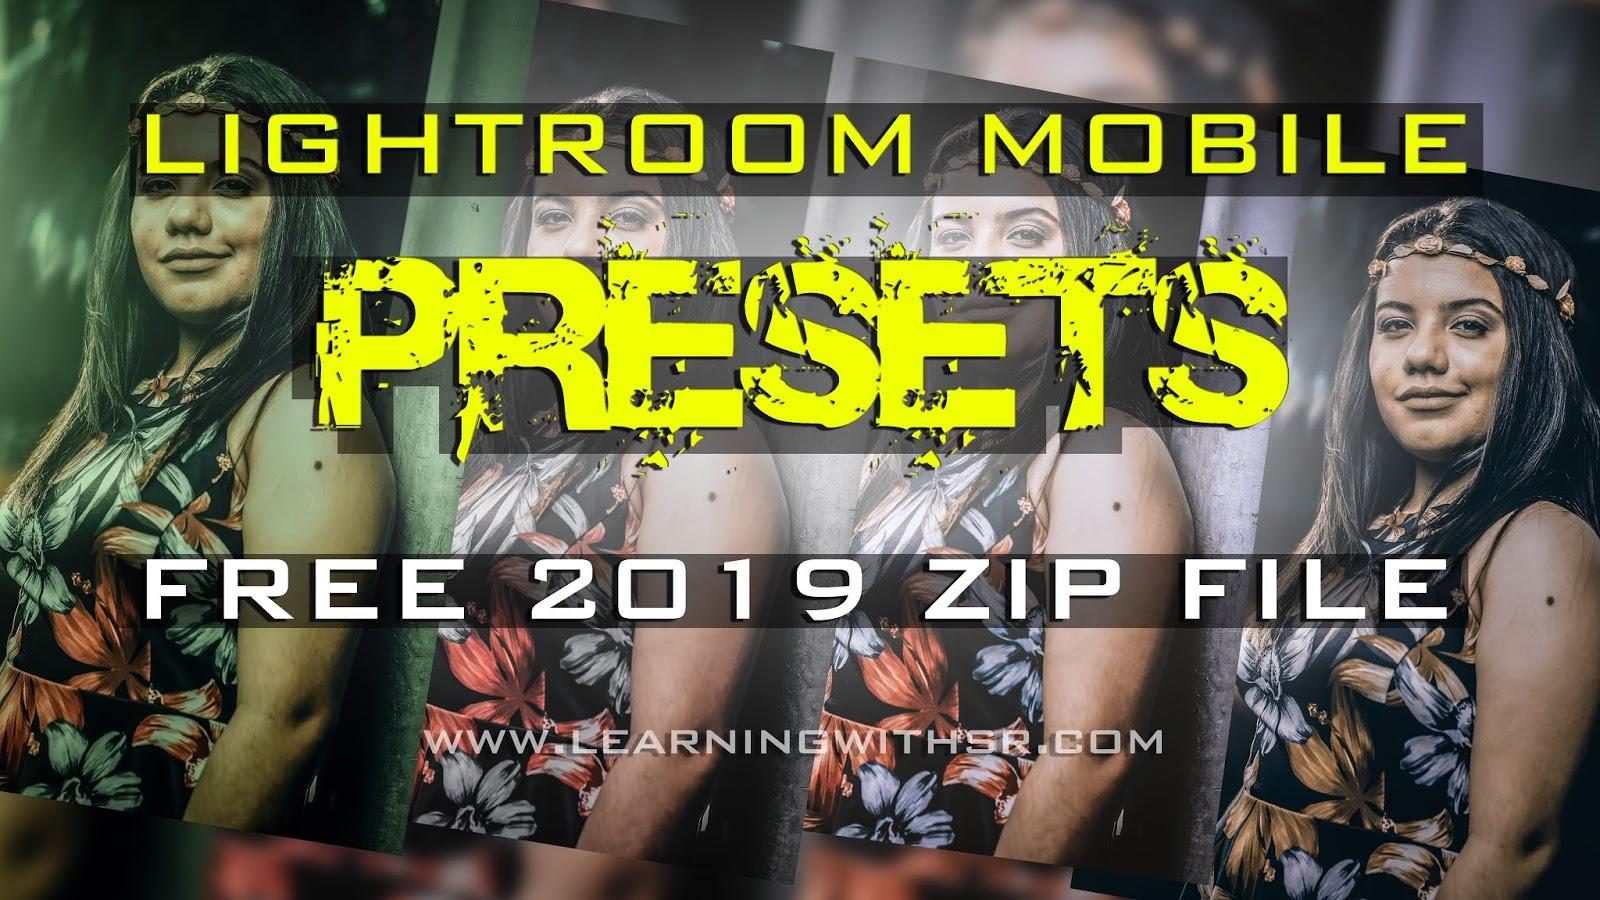 Lightroom mobile free preset download 2019, 2019 best presets for